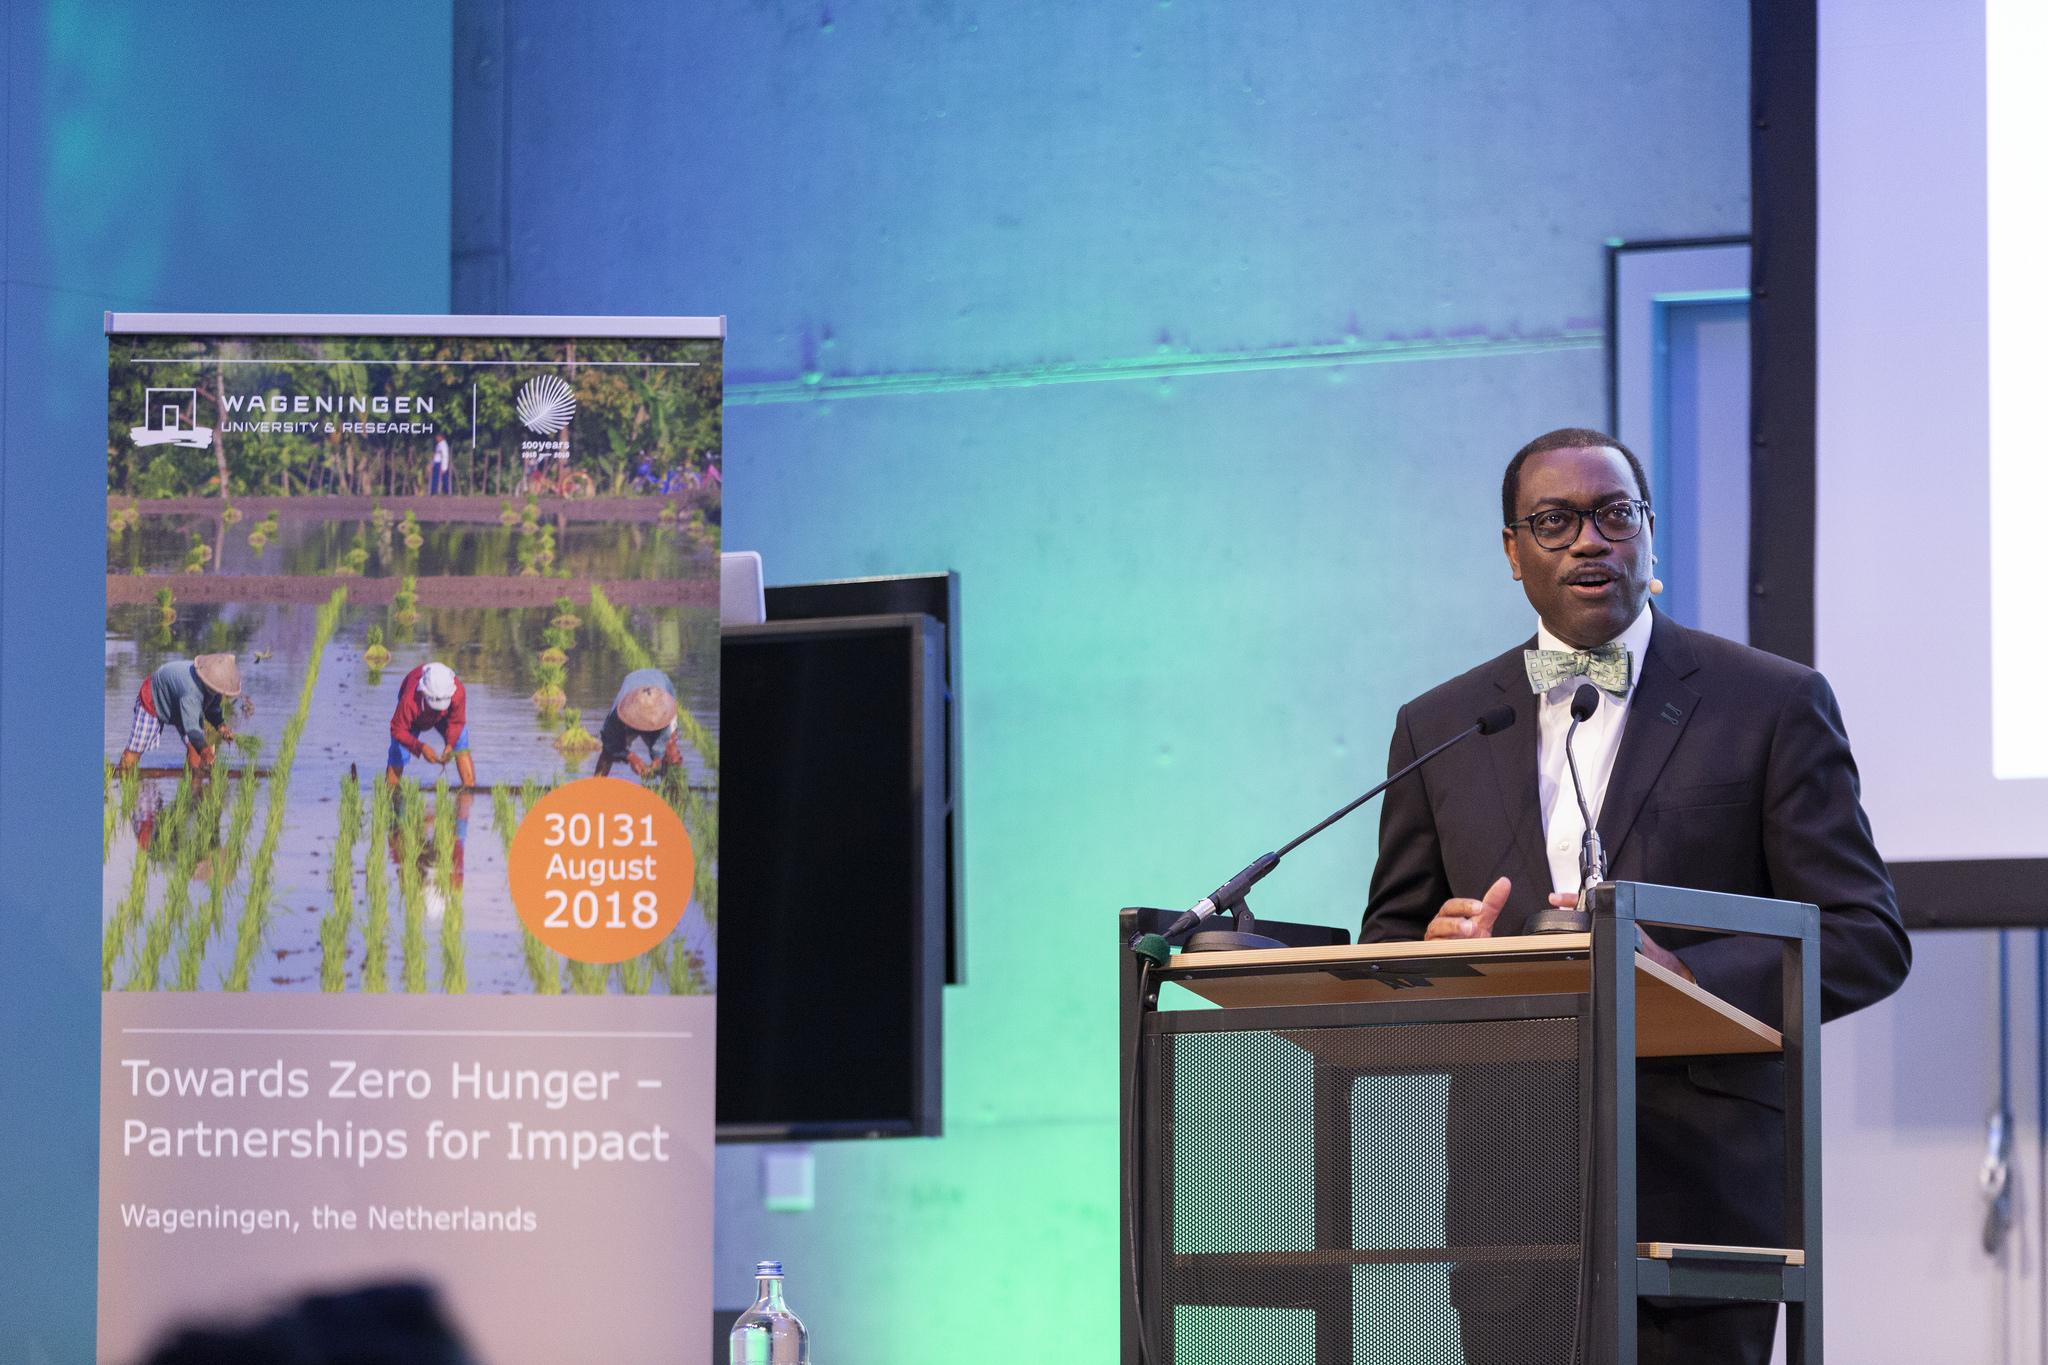 L'avenir de l'alimentation dans le monde pourrait-elle dépendre du développement de l'agriculture en Afrique ?